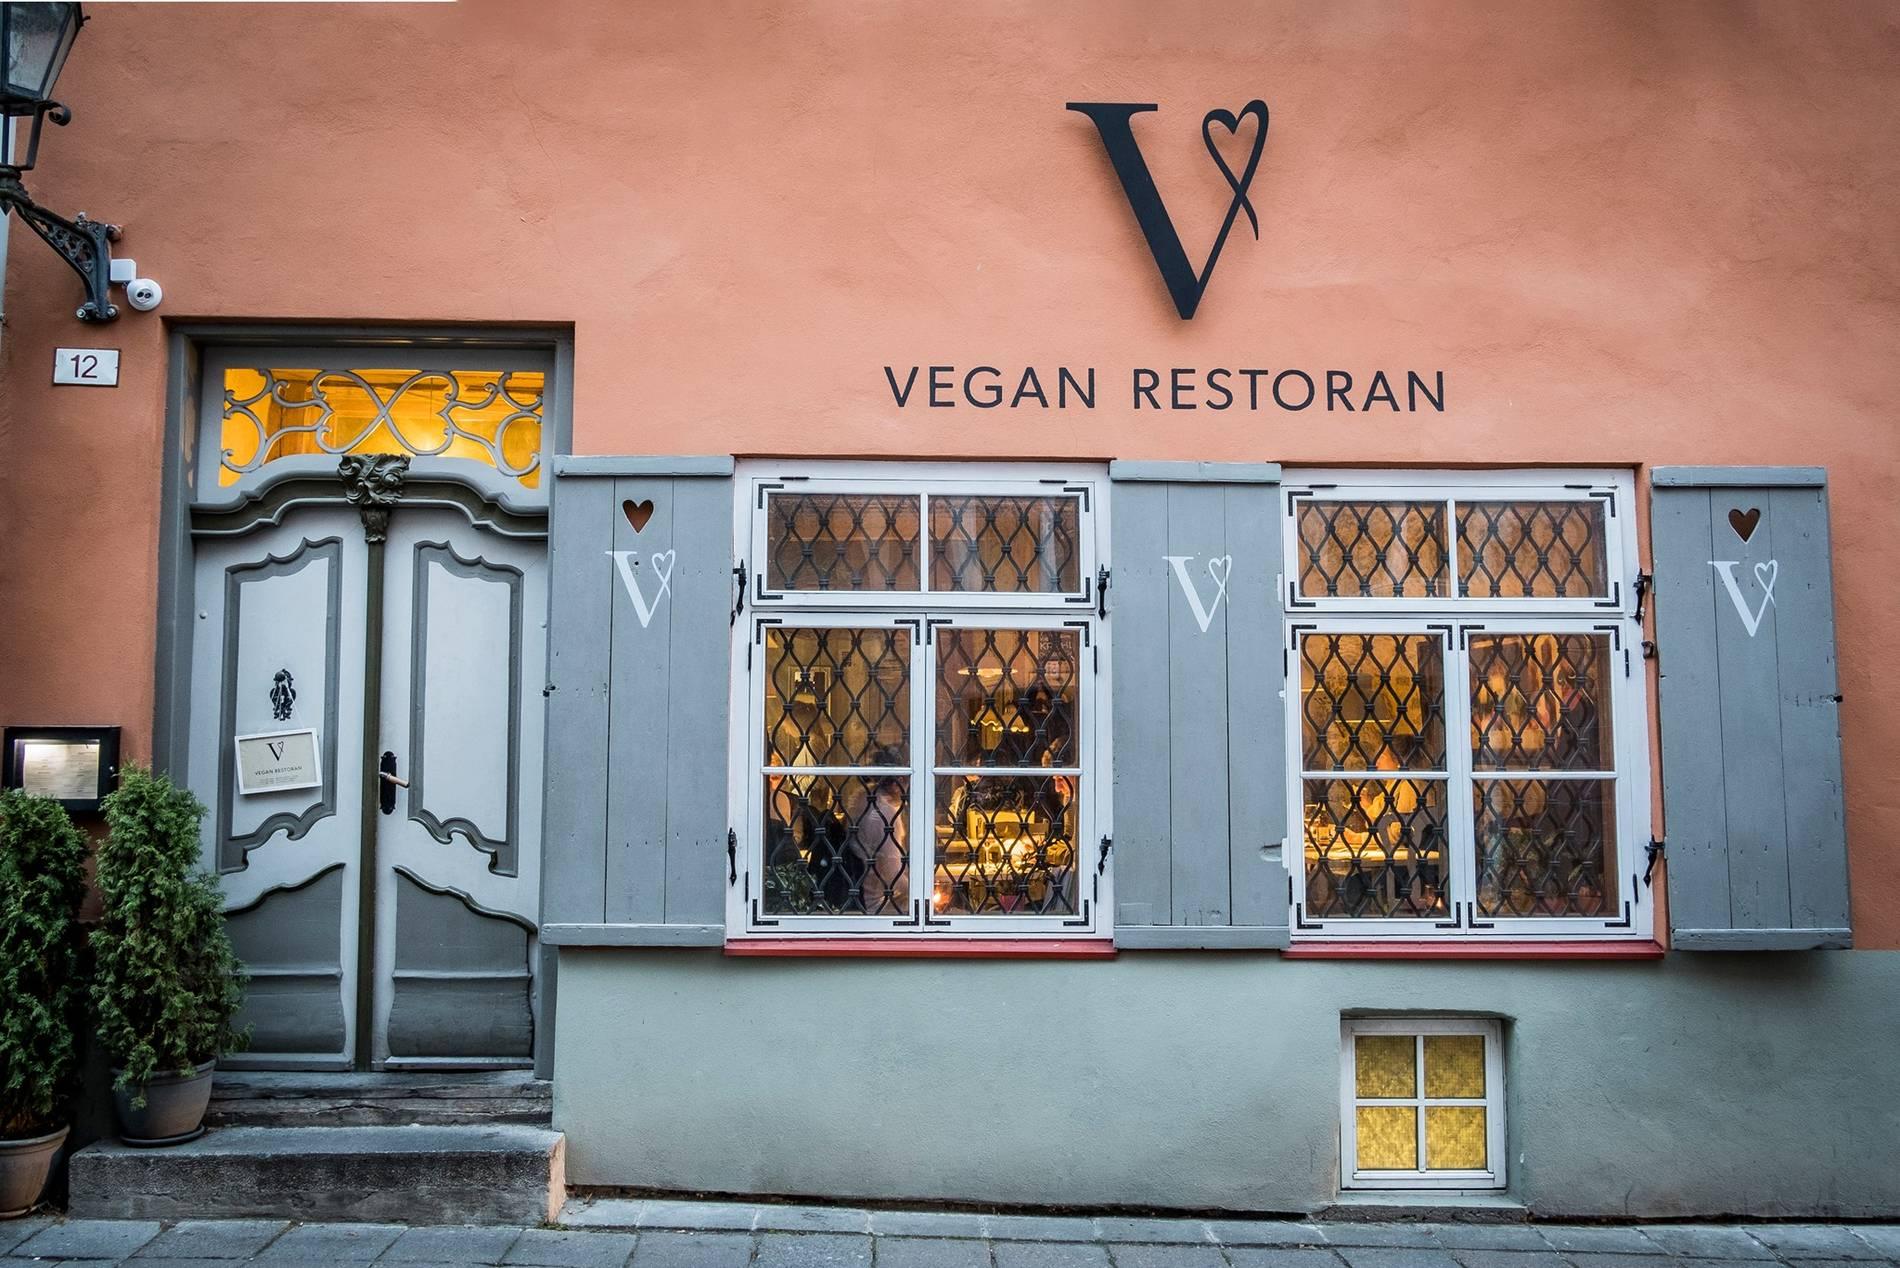 Vegan restoran V Tallinnas, Eestis